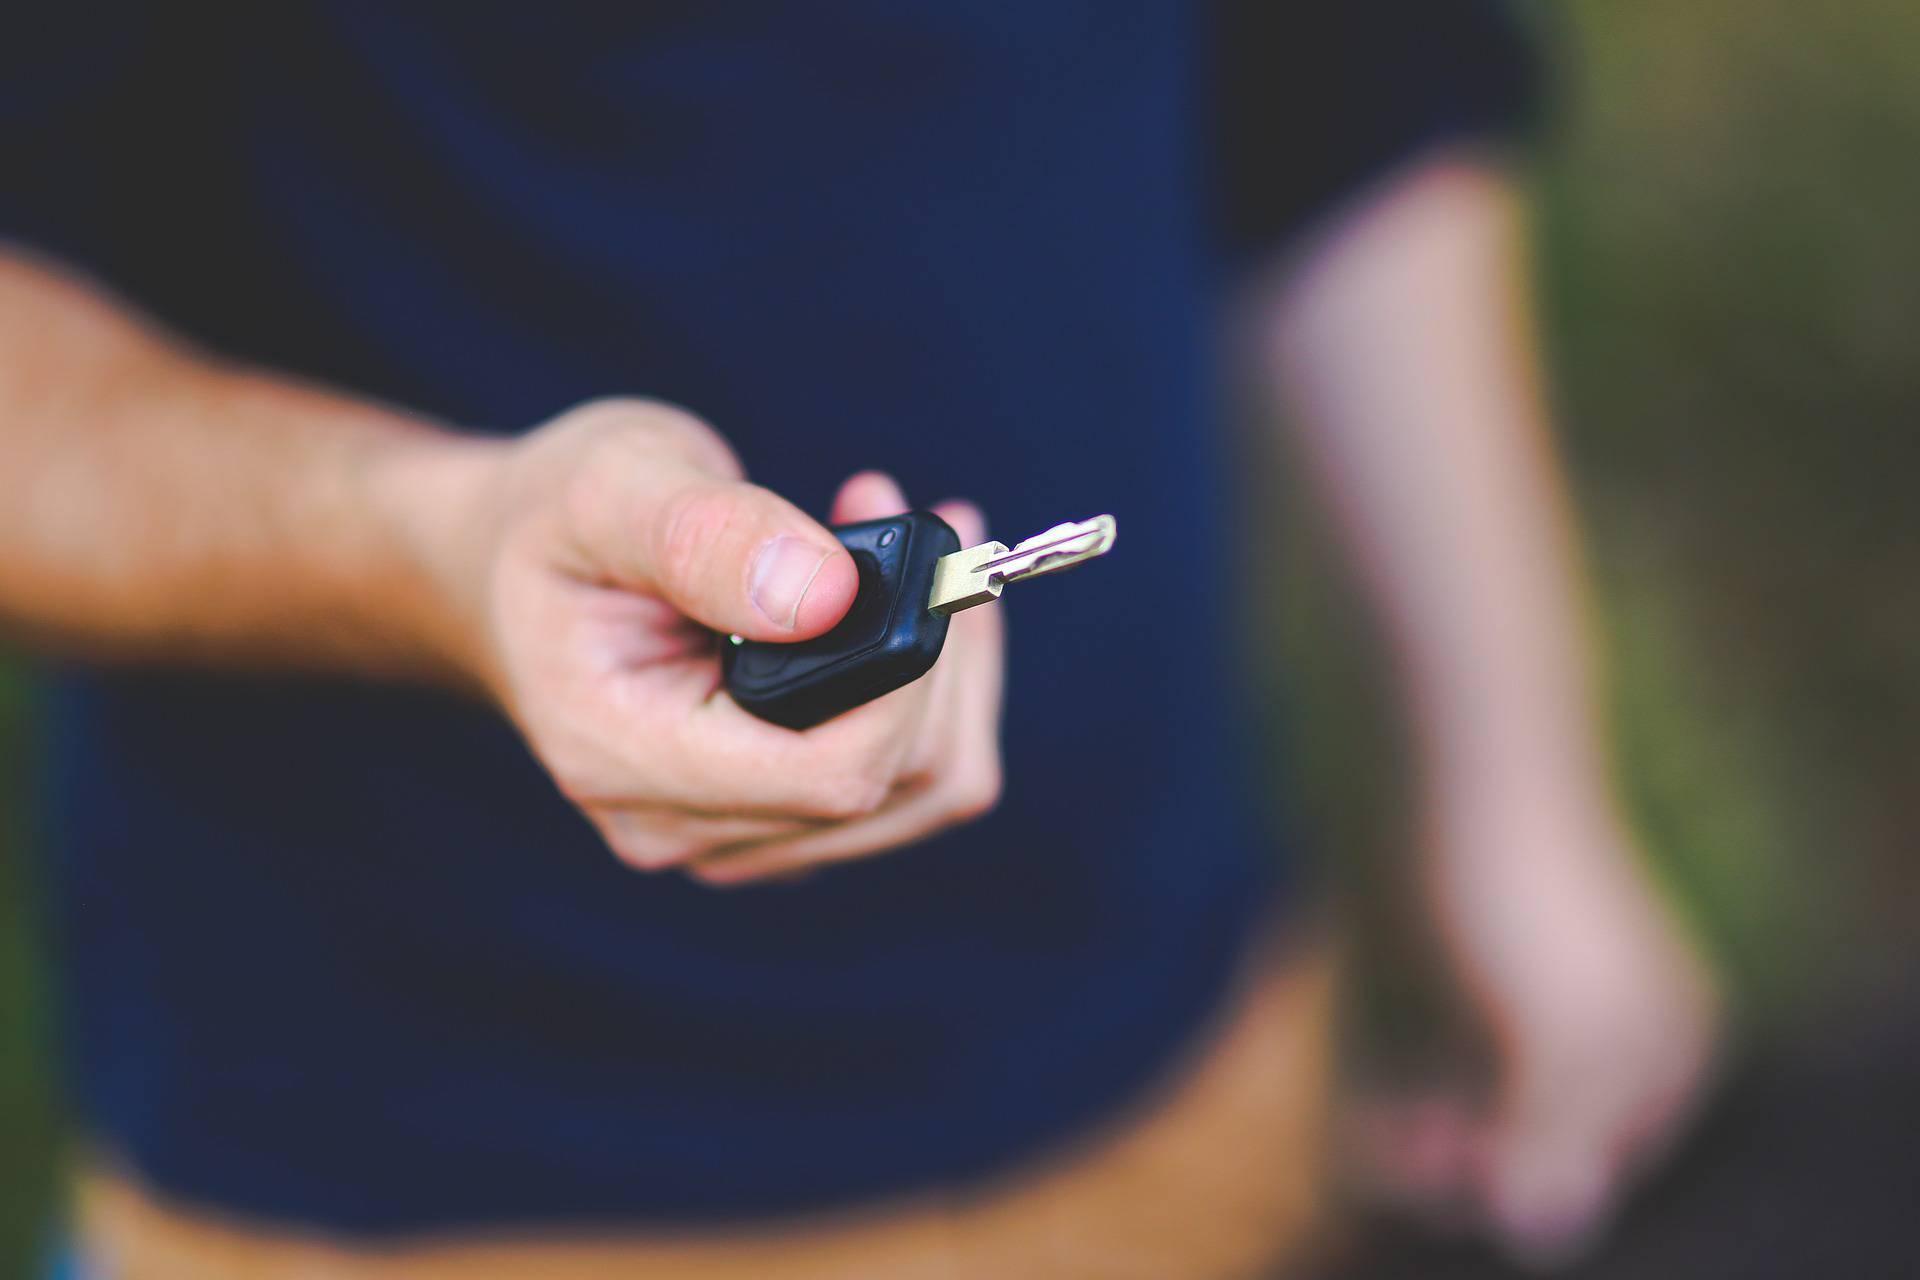 Zaboravite na ključeve: Aute ćemo otključavati telefonima